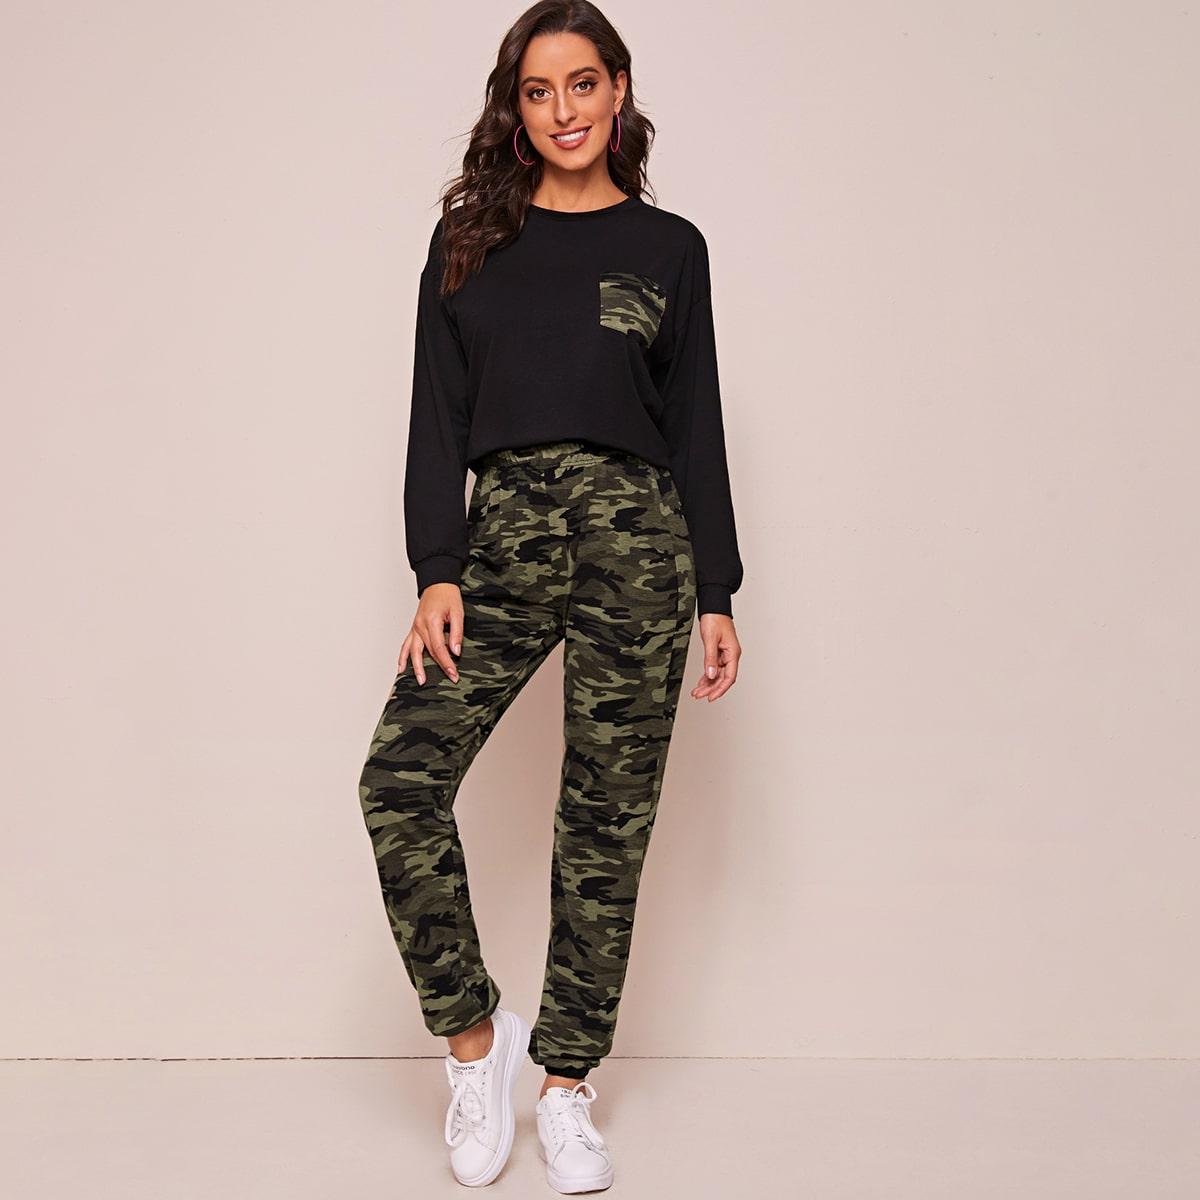 Джоггеры и пуловер с карманом, камуфляжным принтом от SHEIN